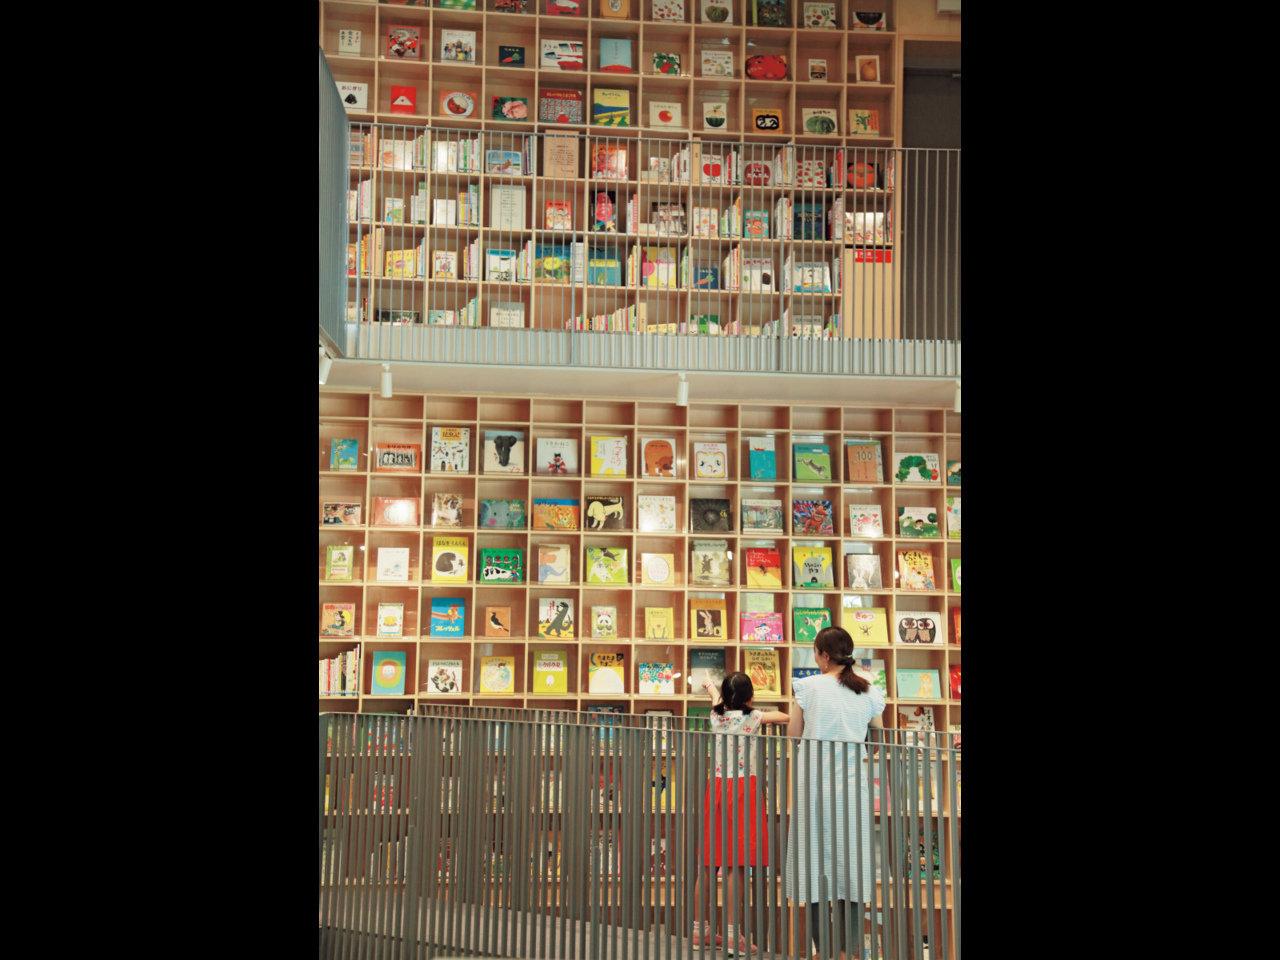 子どもたちは自力で本を探します、『こども本の森